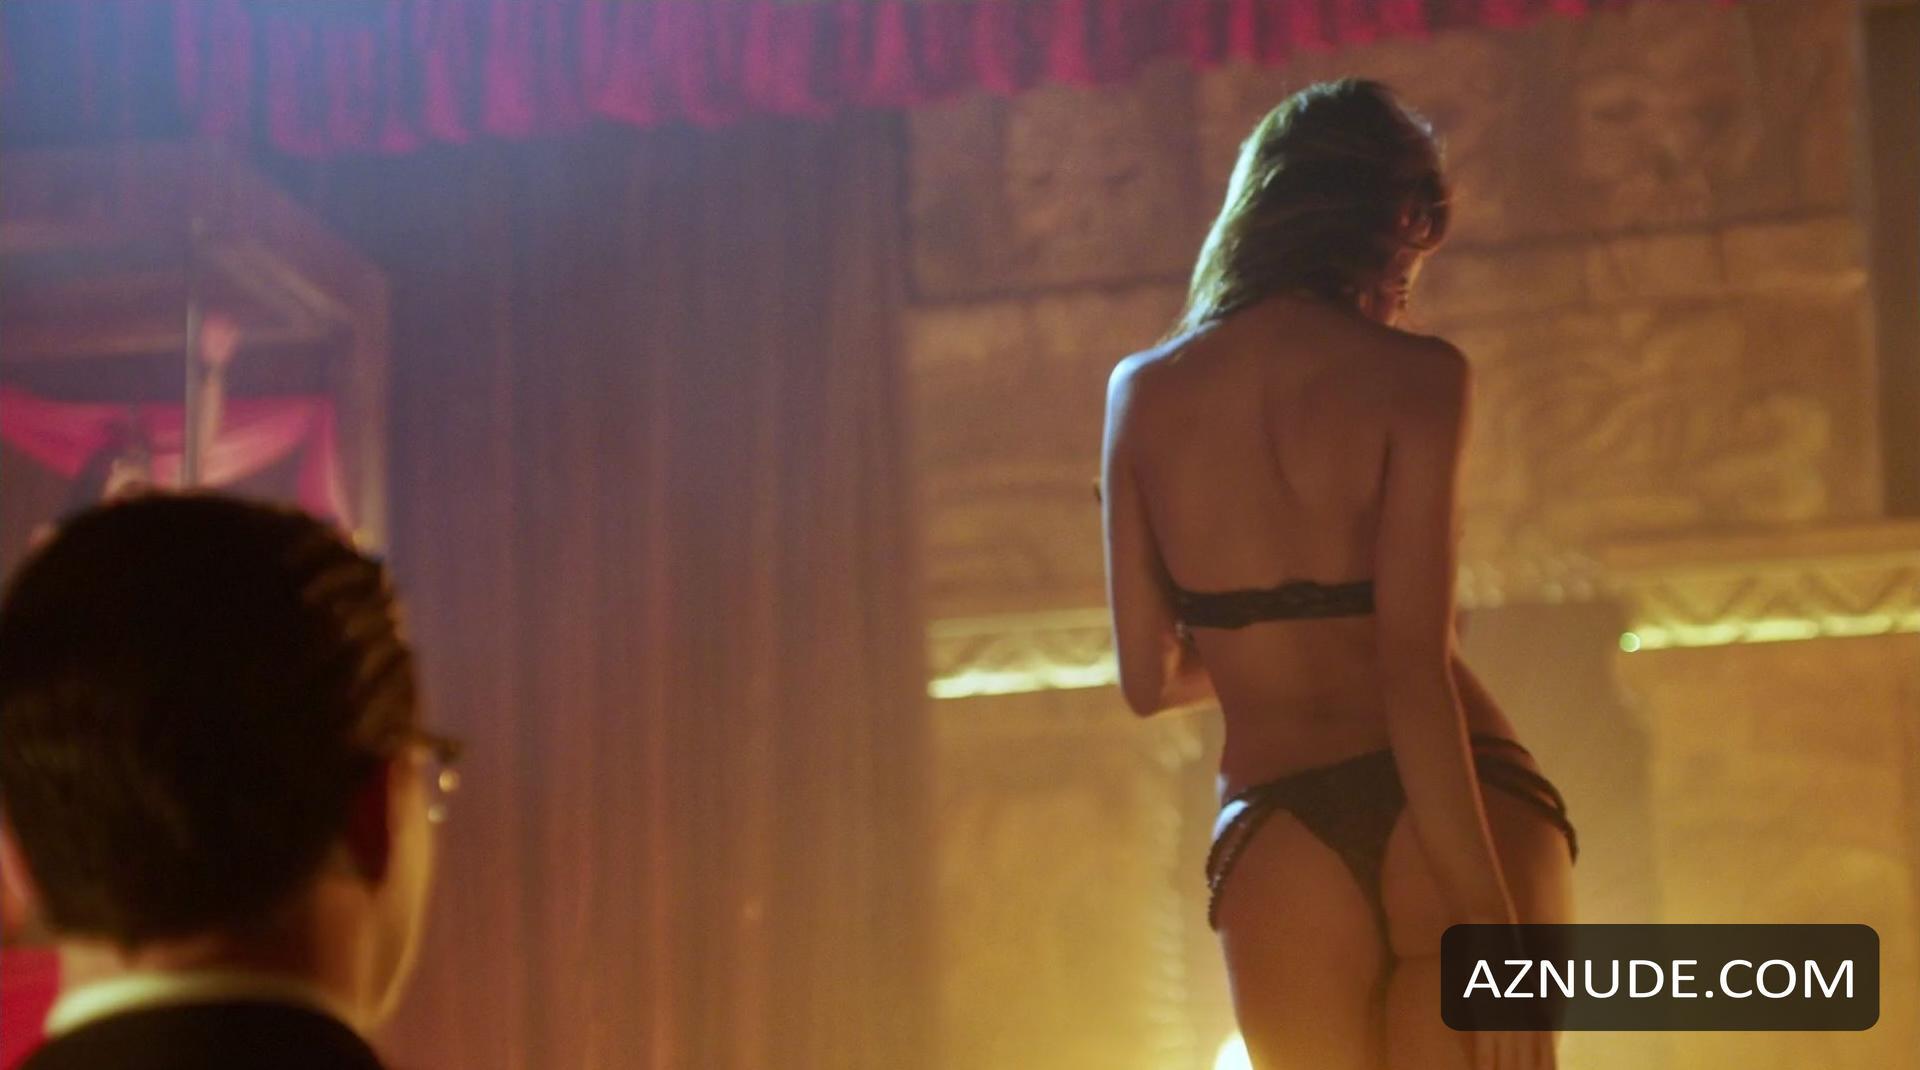 Saxxy Movie porn videos